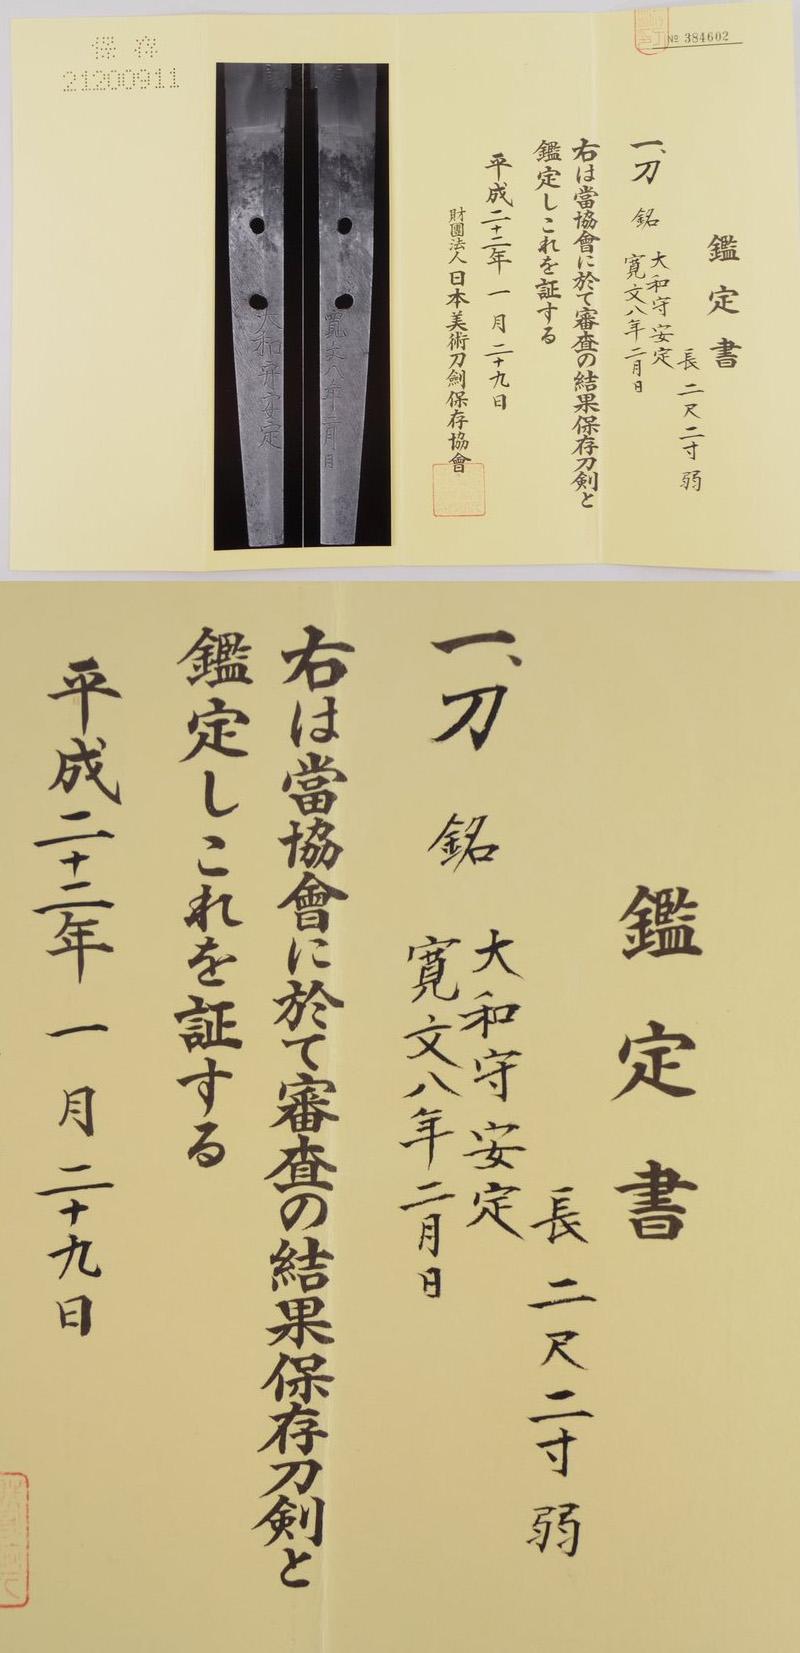 刀 大和守安定(新刀上作) (良業物)  寛文八年二月日 Picture of Certificate